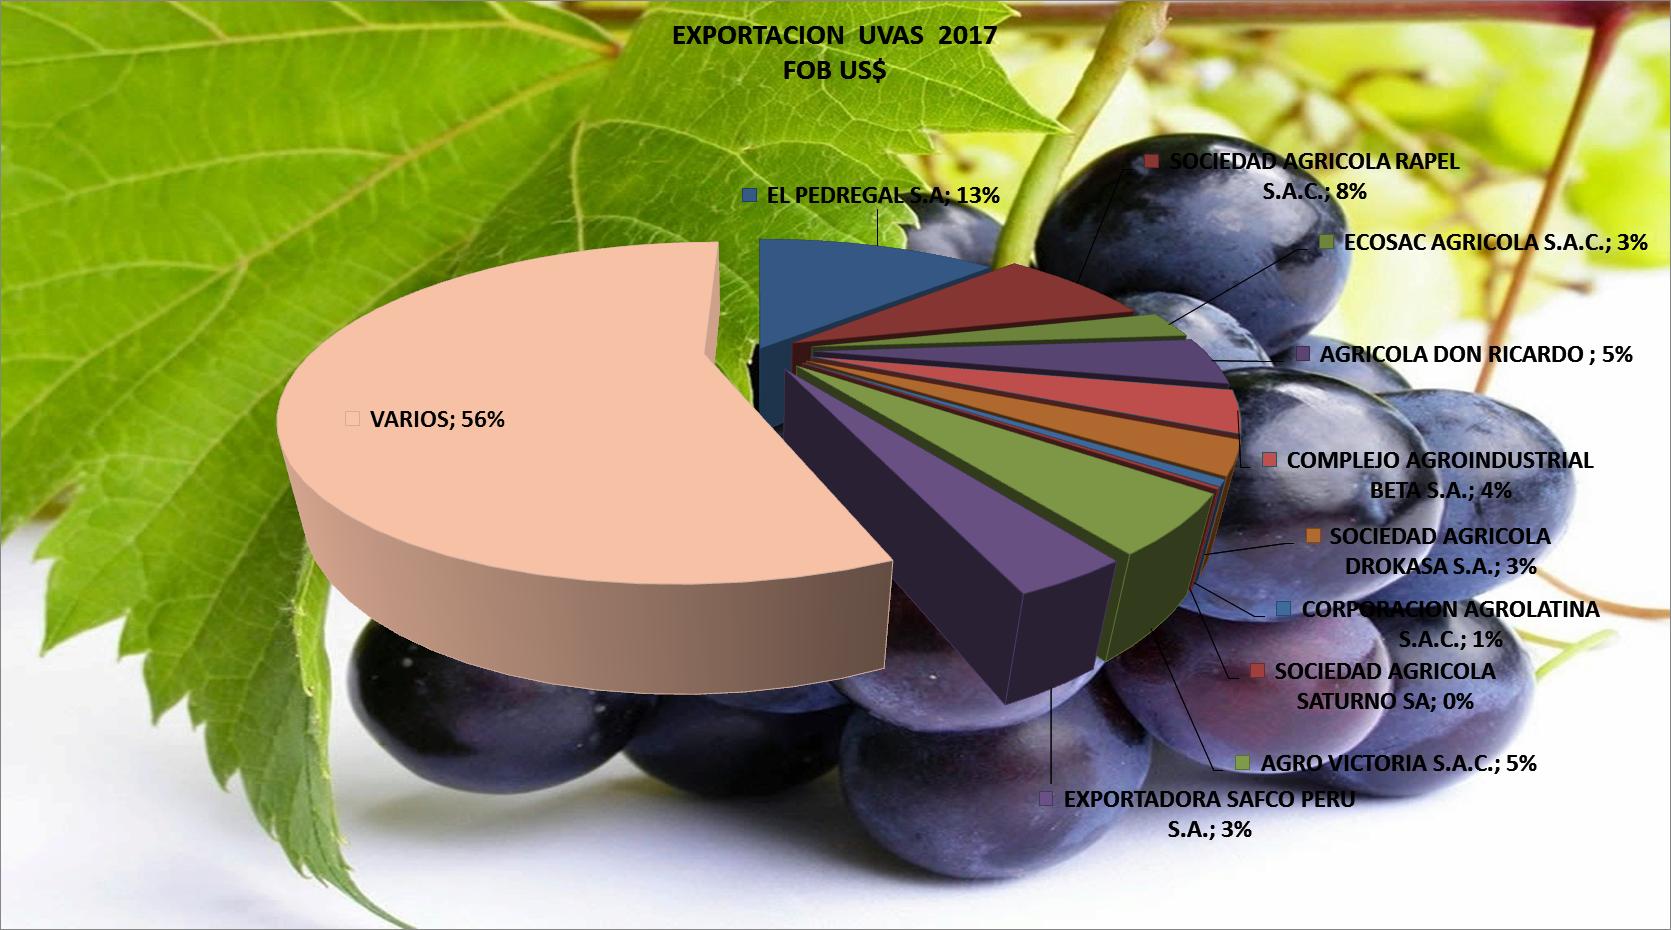 Uvas Perú Exportación 2017 Enero